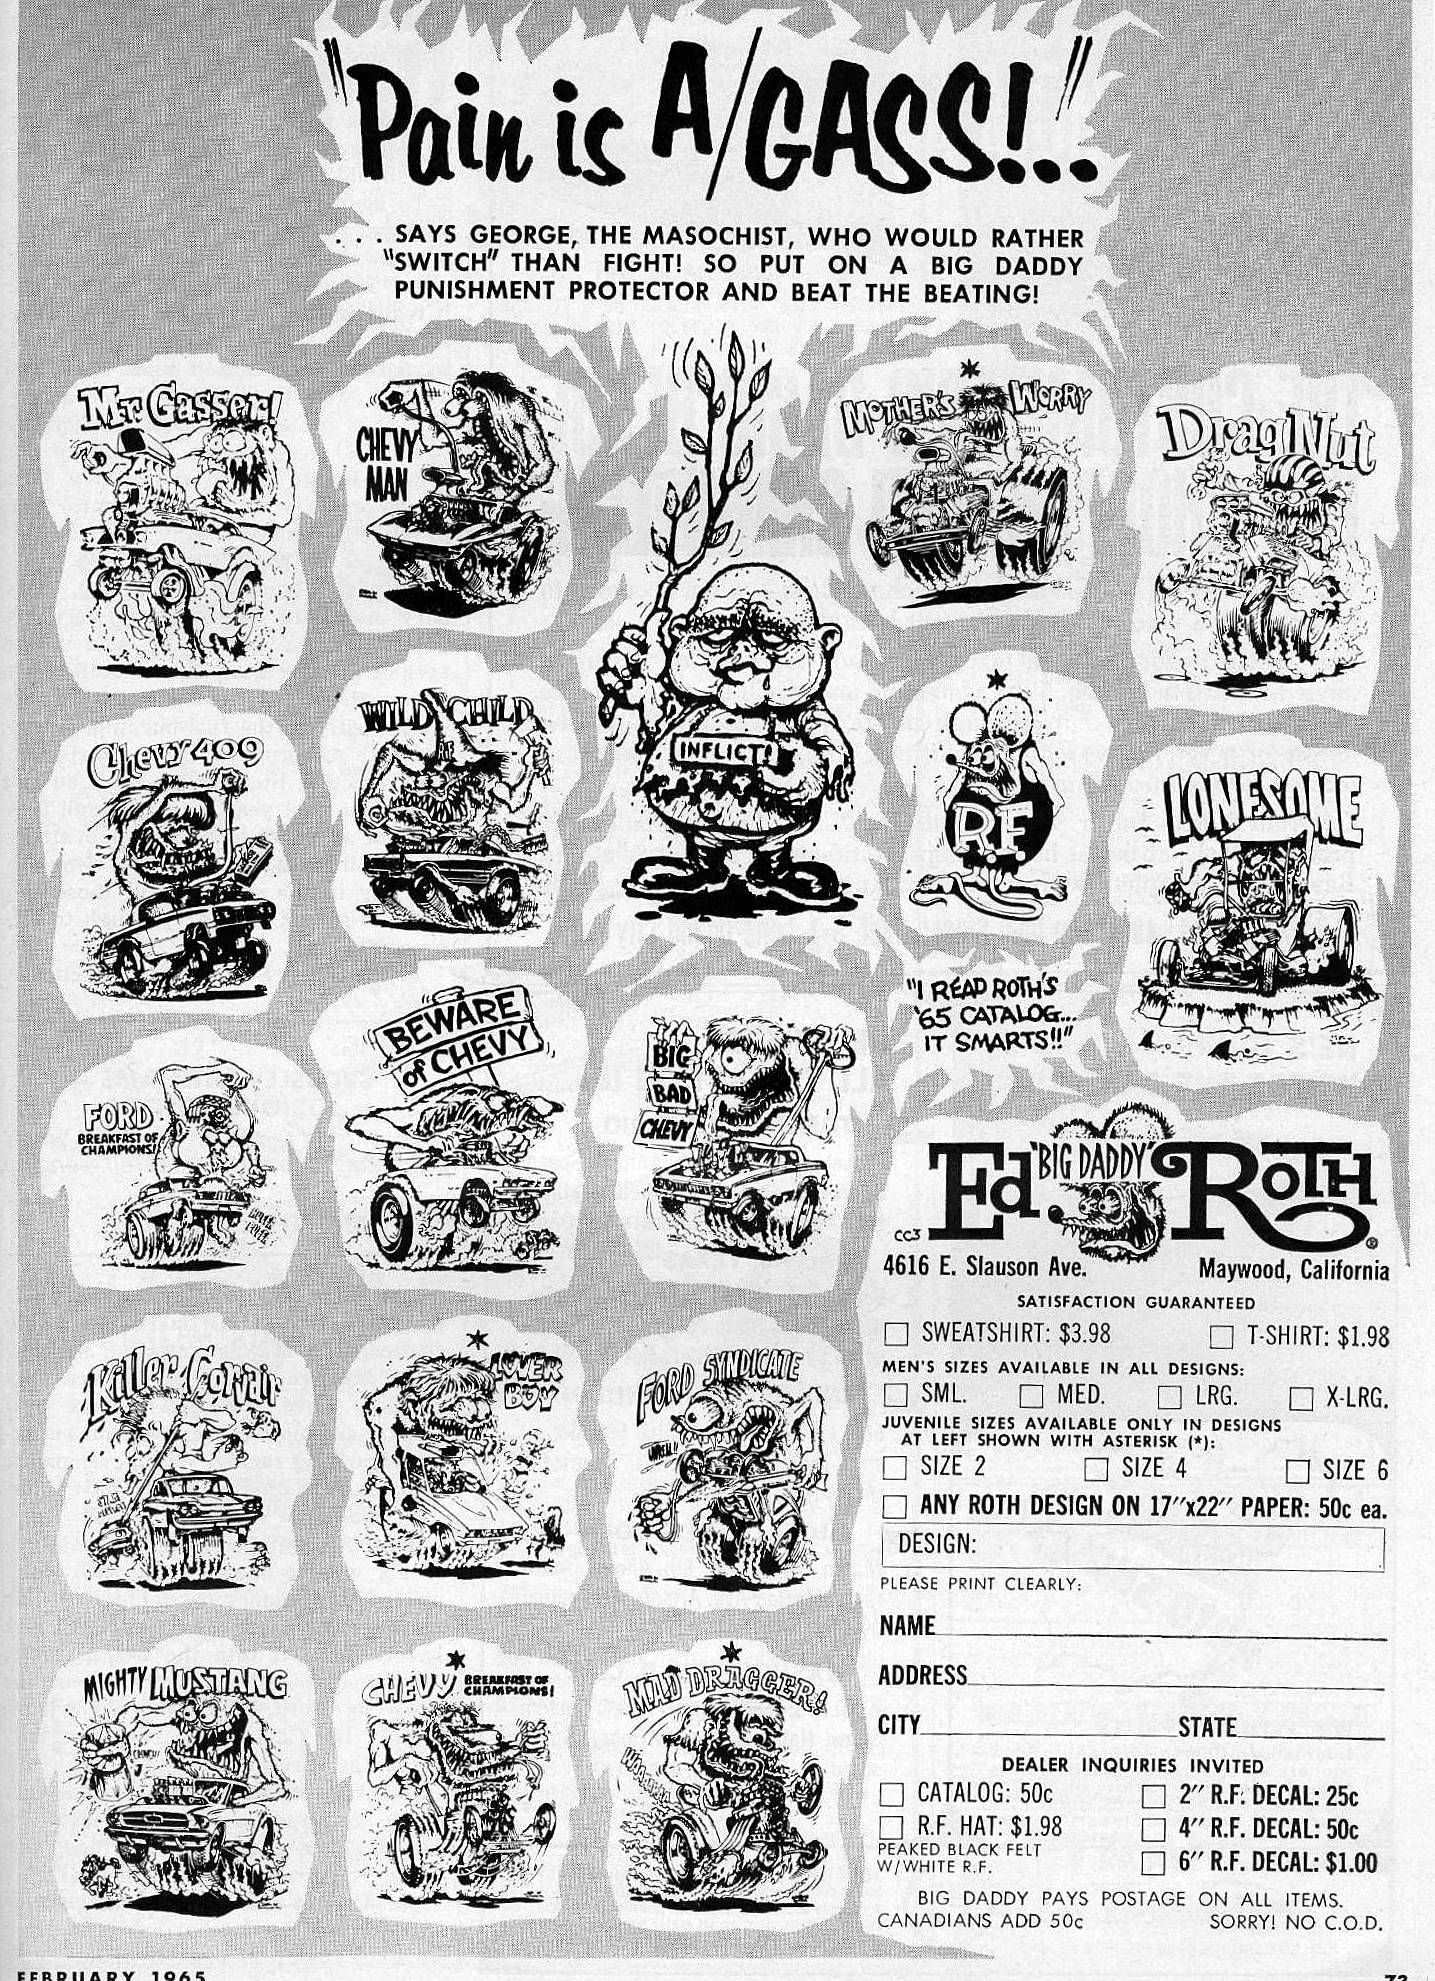 Ed Roth Designs Feb '65 Car Craft magazine Big daddy